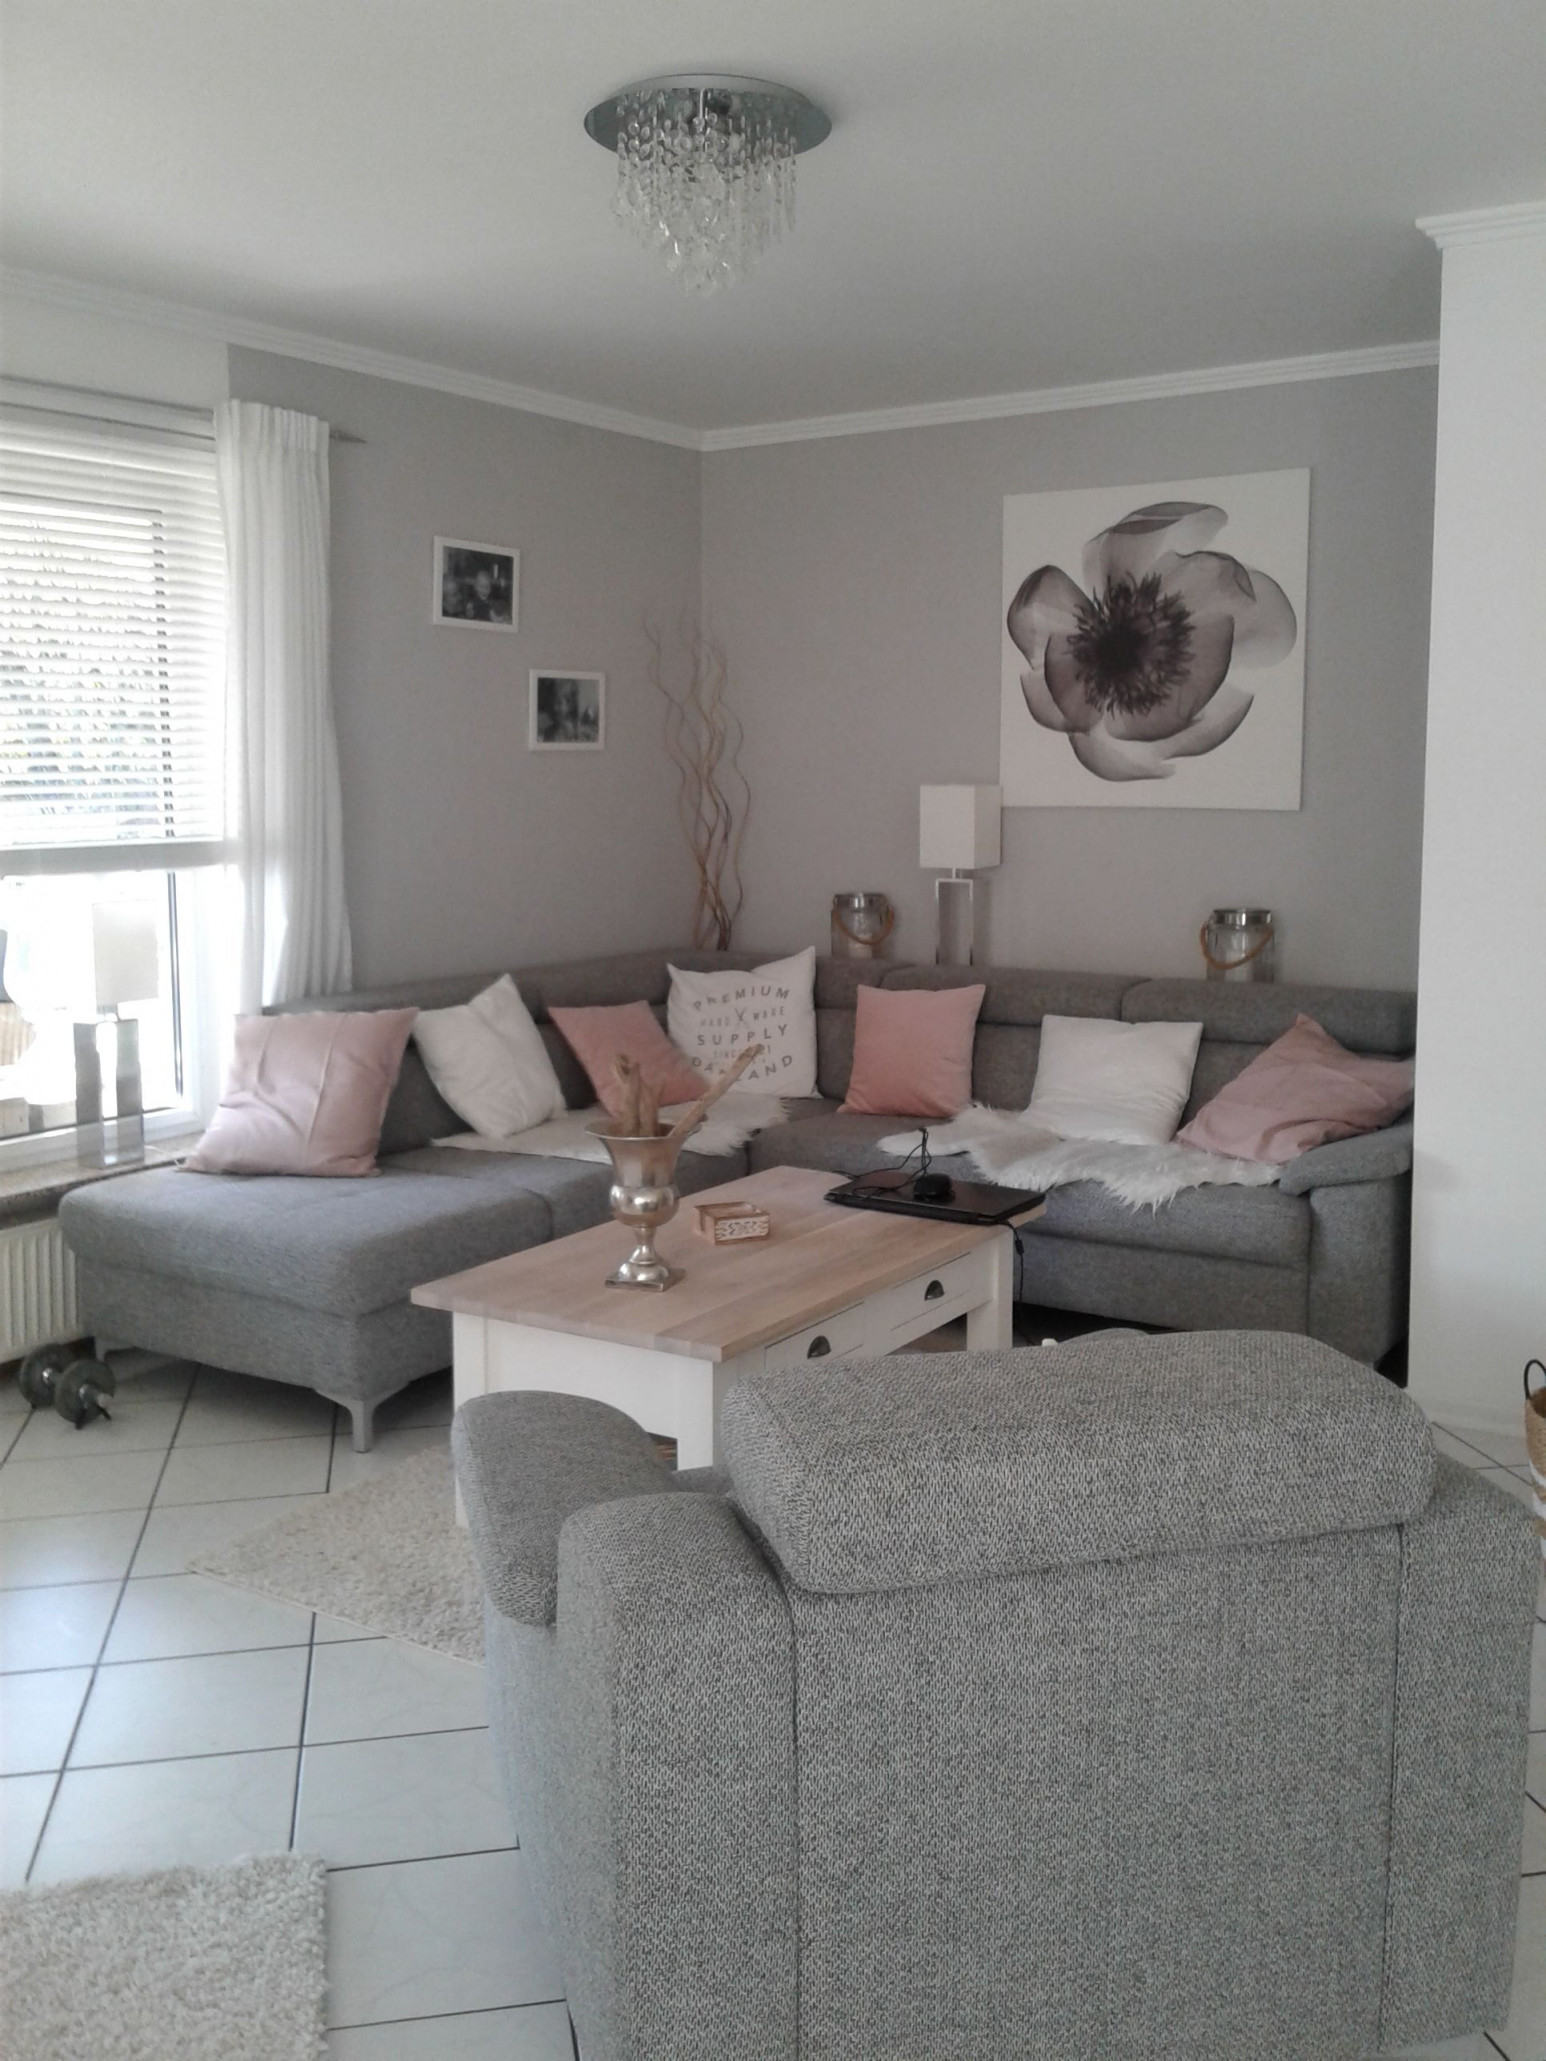 Wohnzimmer In Grau Weiß Und Farbtupfer In Matt Rosa von Deko Grau Weiß Wohnzimmer Bild